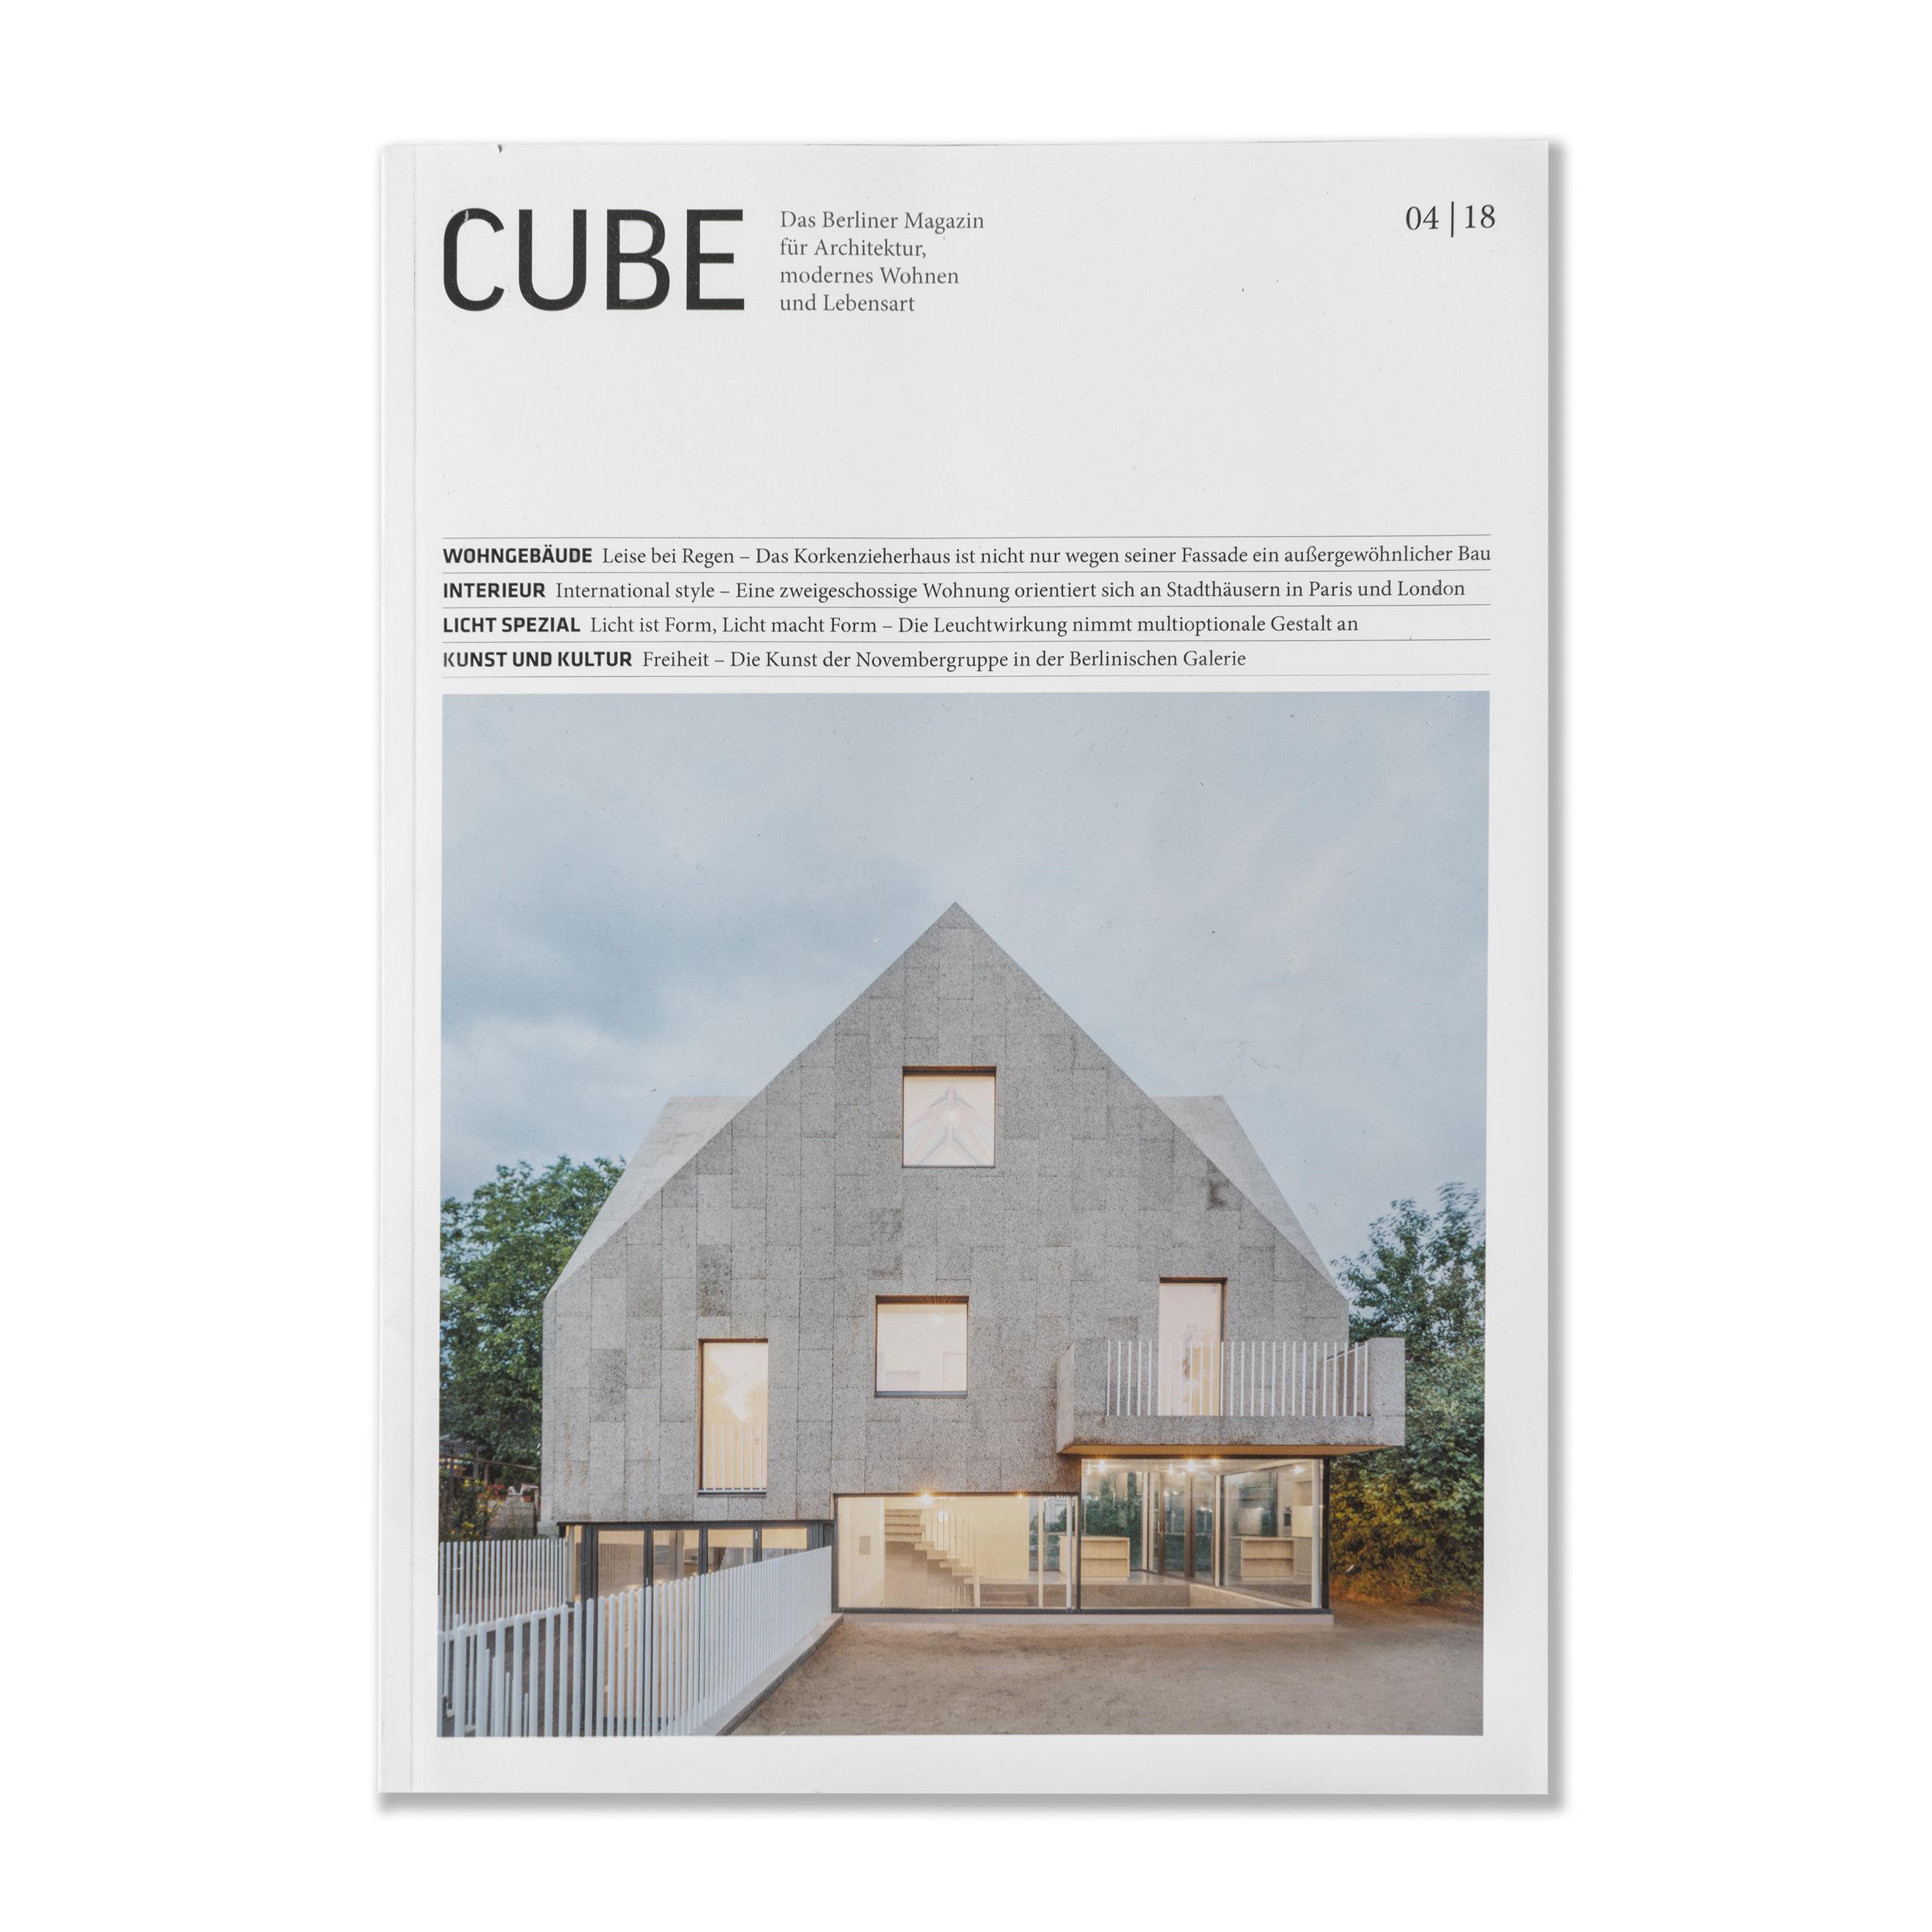 Cube Magazin, Korkenzieher Haus.jpg